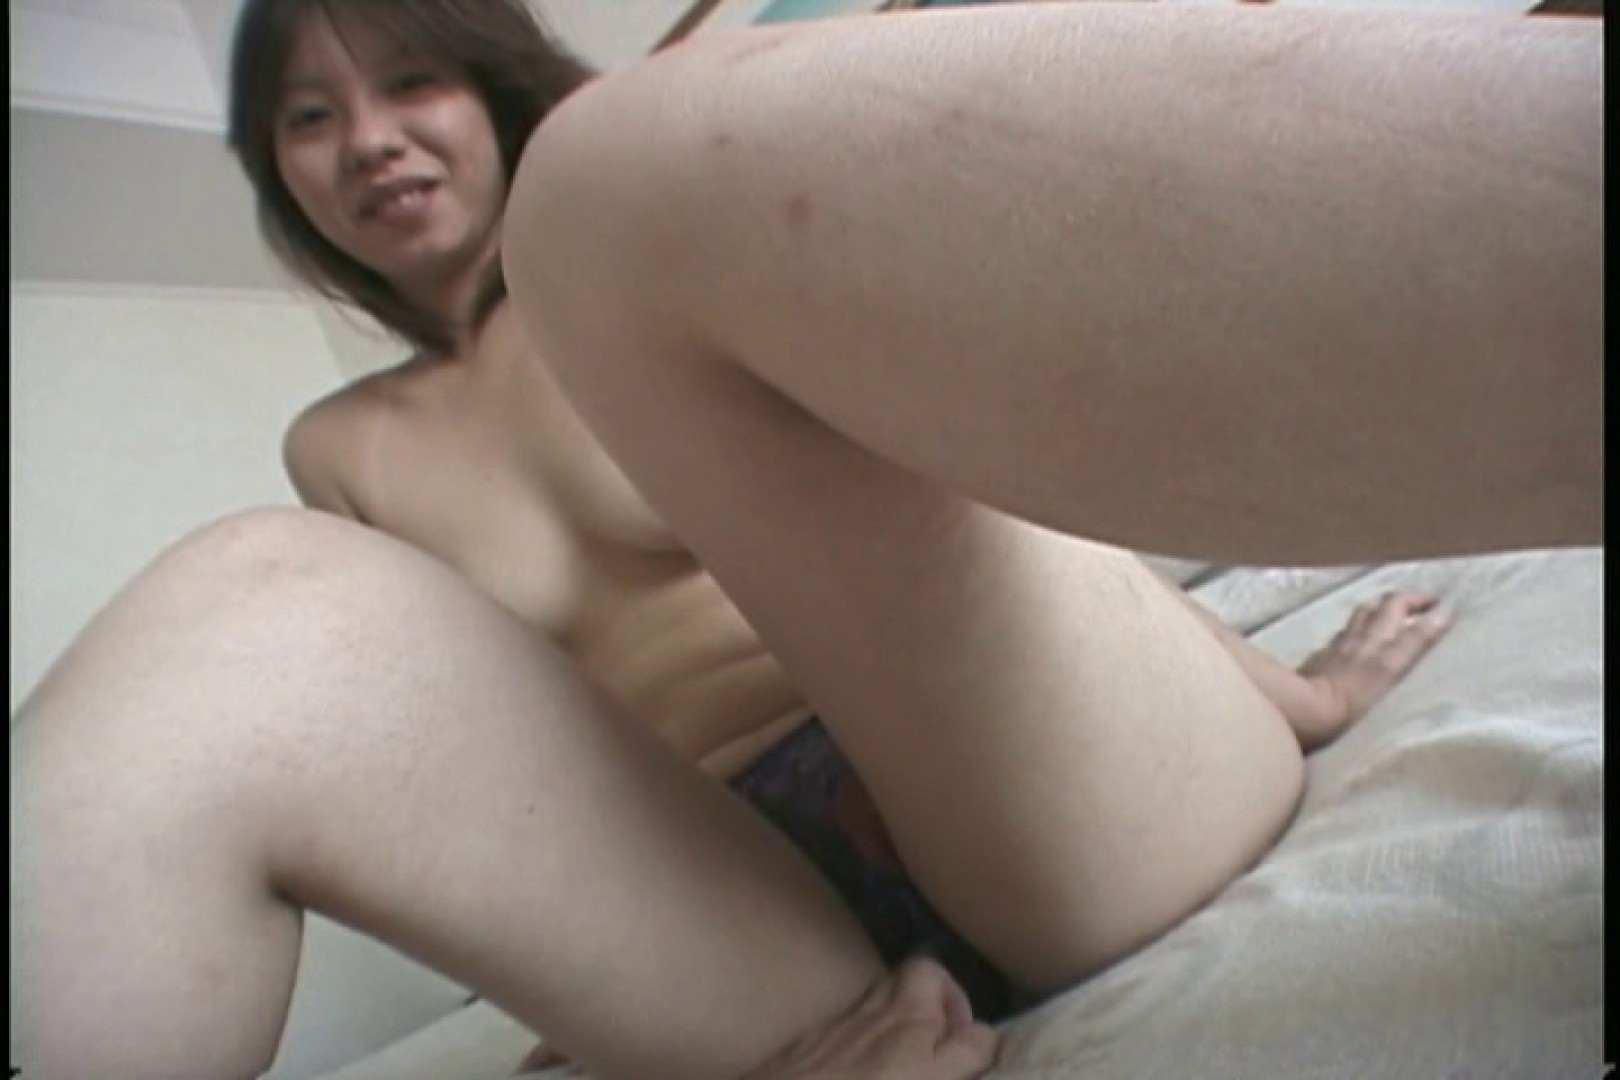 初めてのビデオ撮影に緊張する素人OLとセックス~武田じゅん~ 素人 オメコ動画キャプチャ 58連発 44